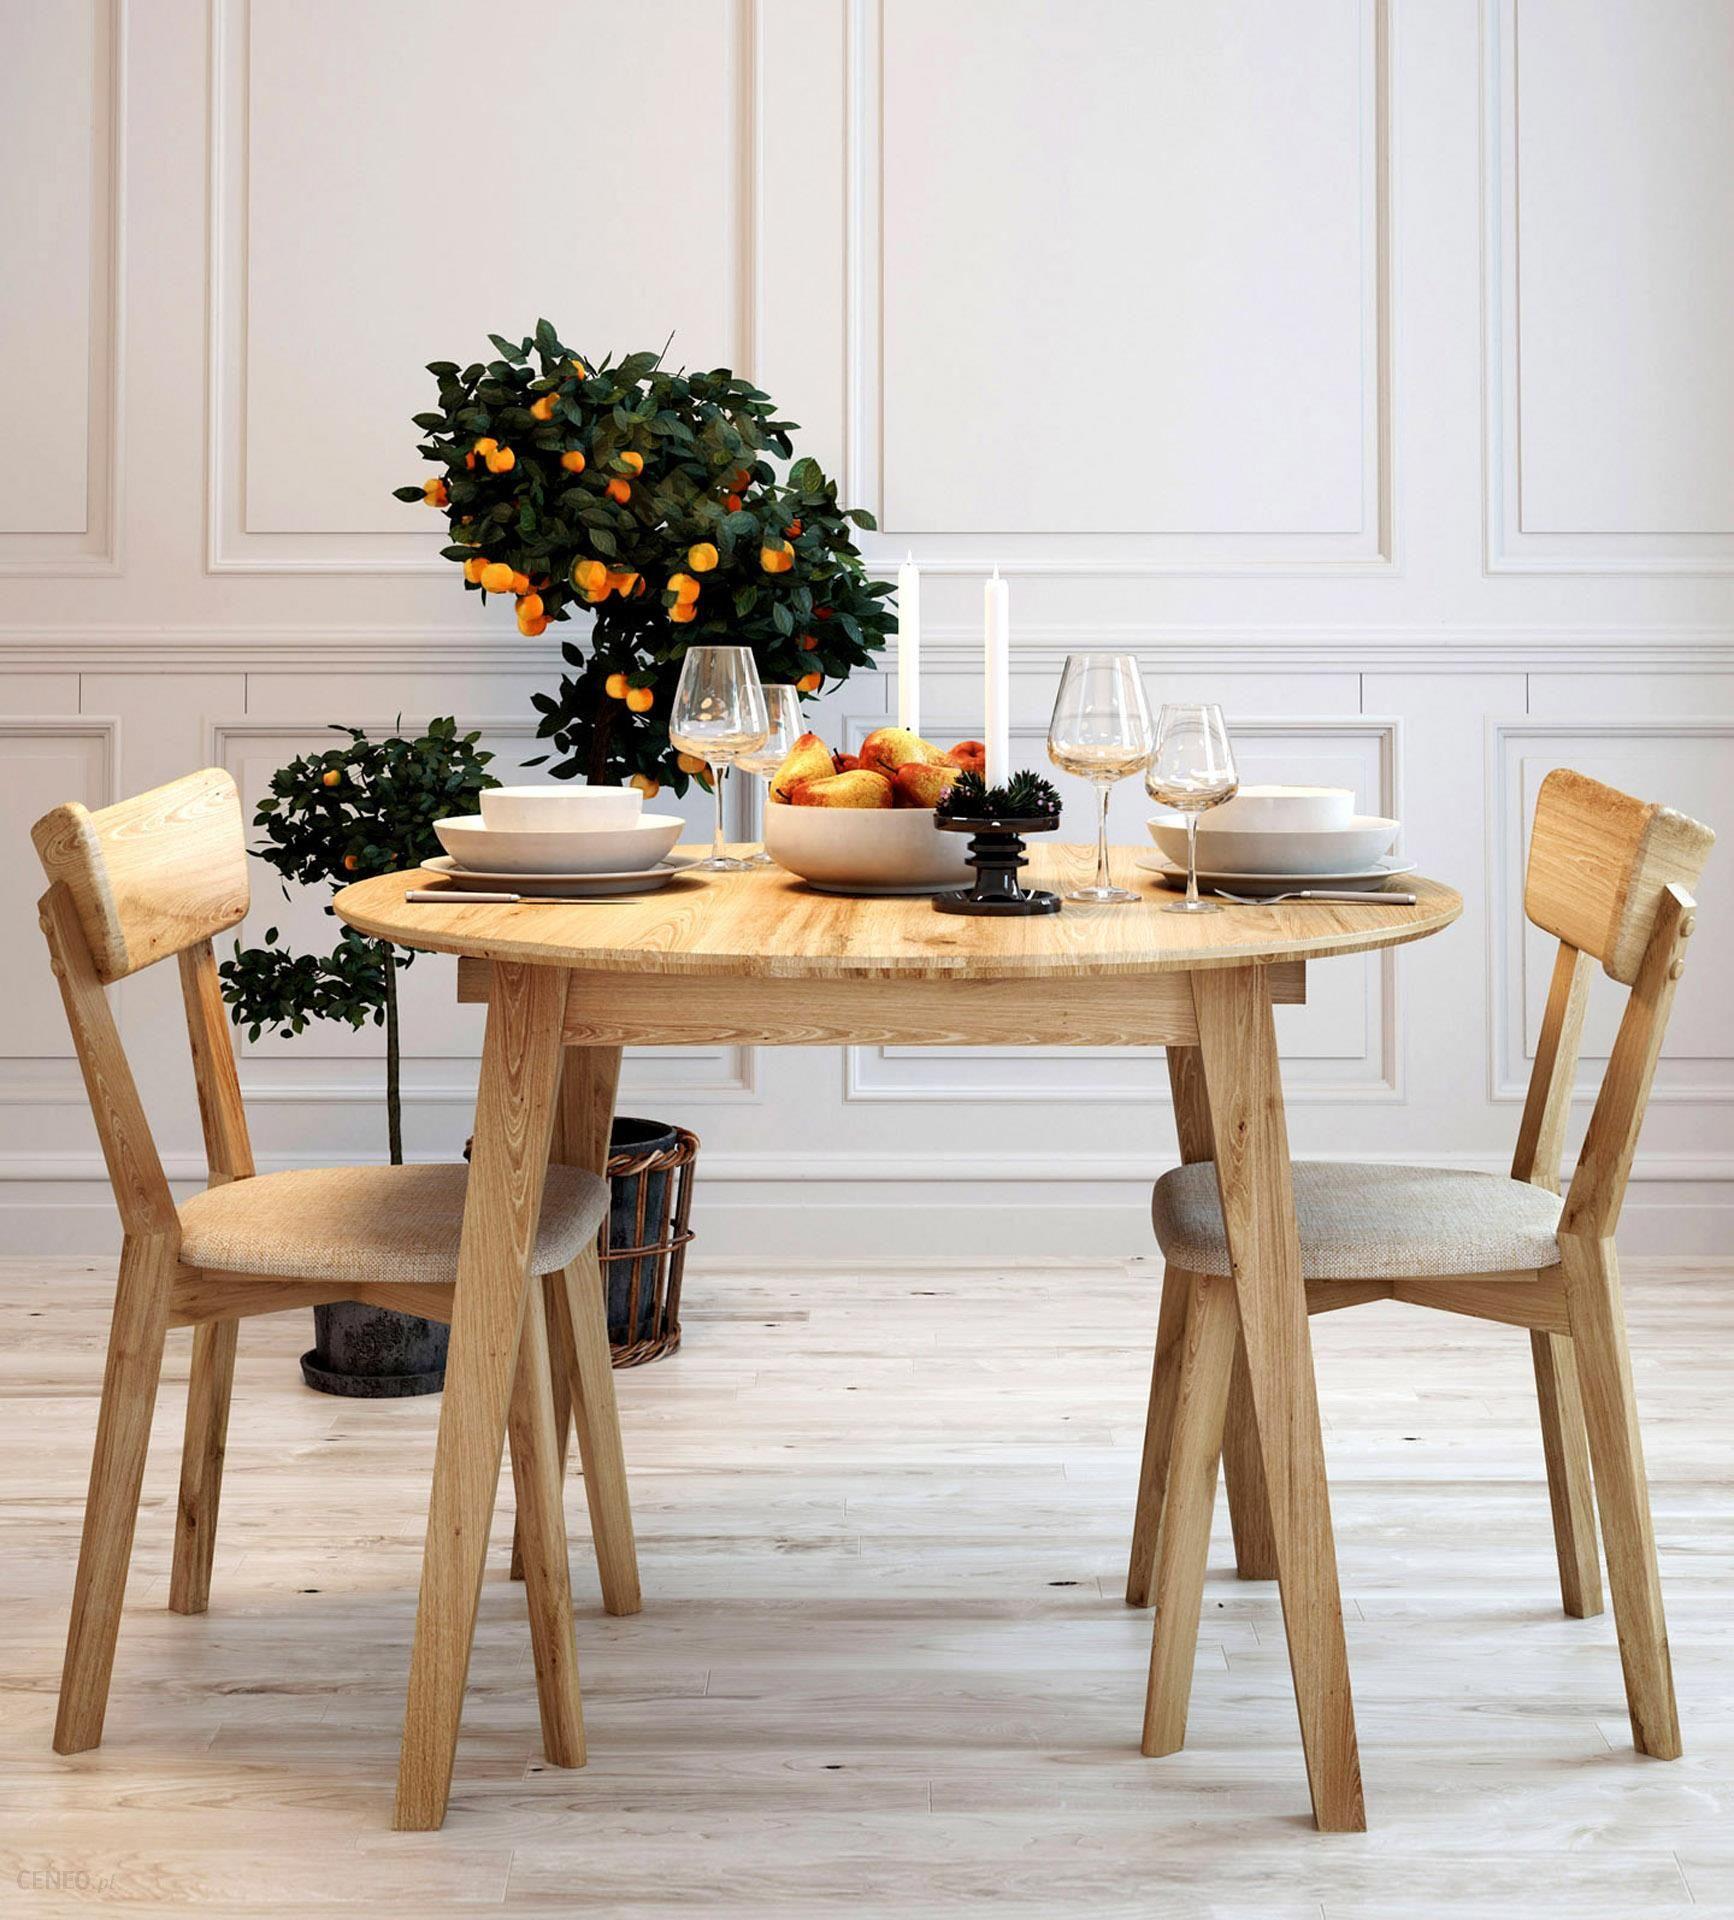 Bardzo dobryFantastyczny Woodica Stół Dębowy Okrągły 03 90X75X90 - Opinie i atrakcyjne ceny IK88